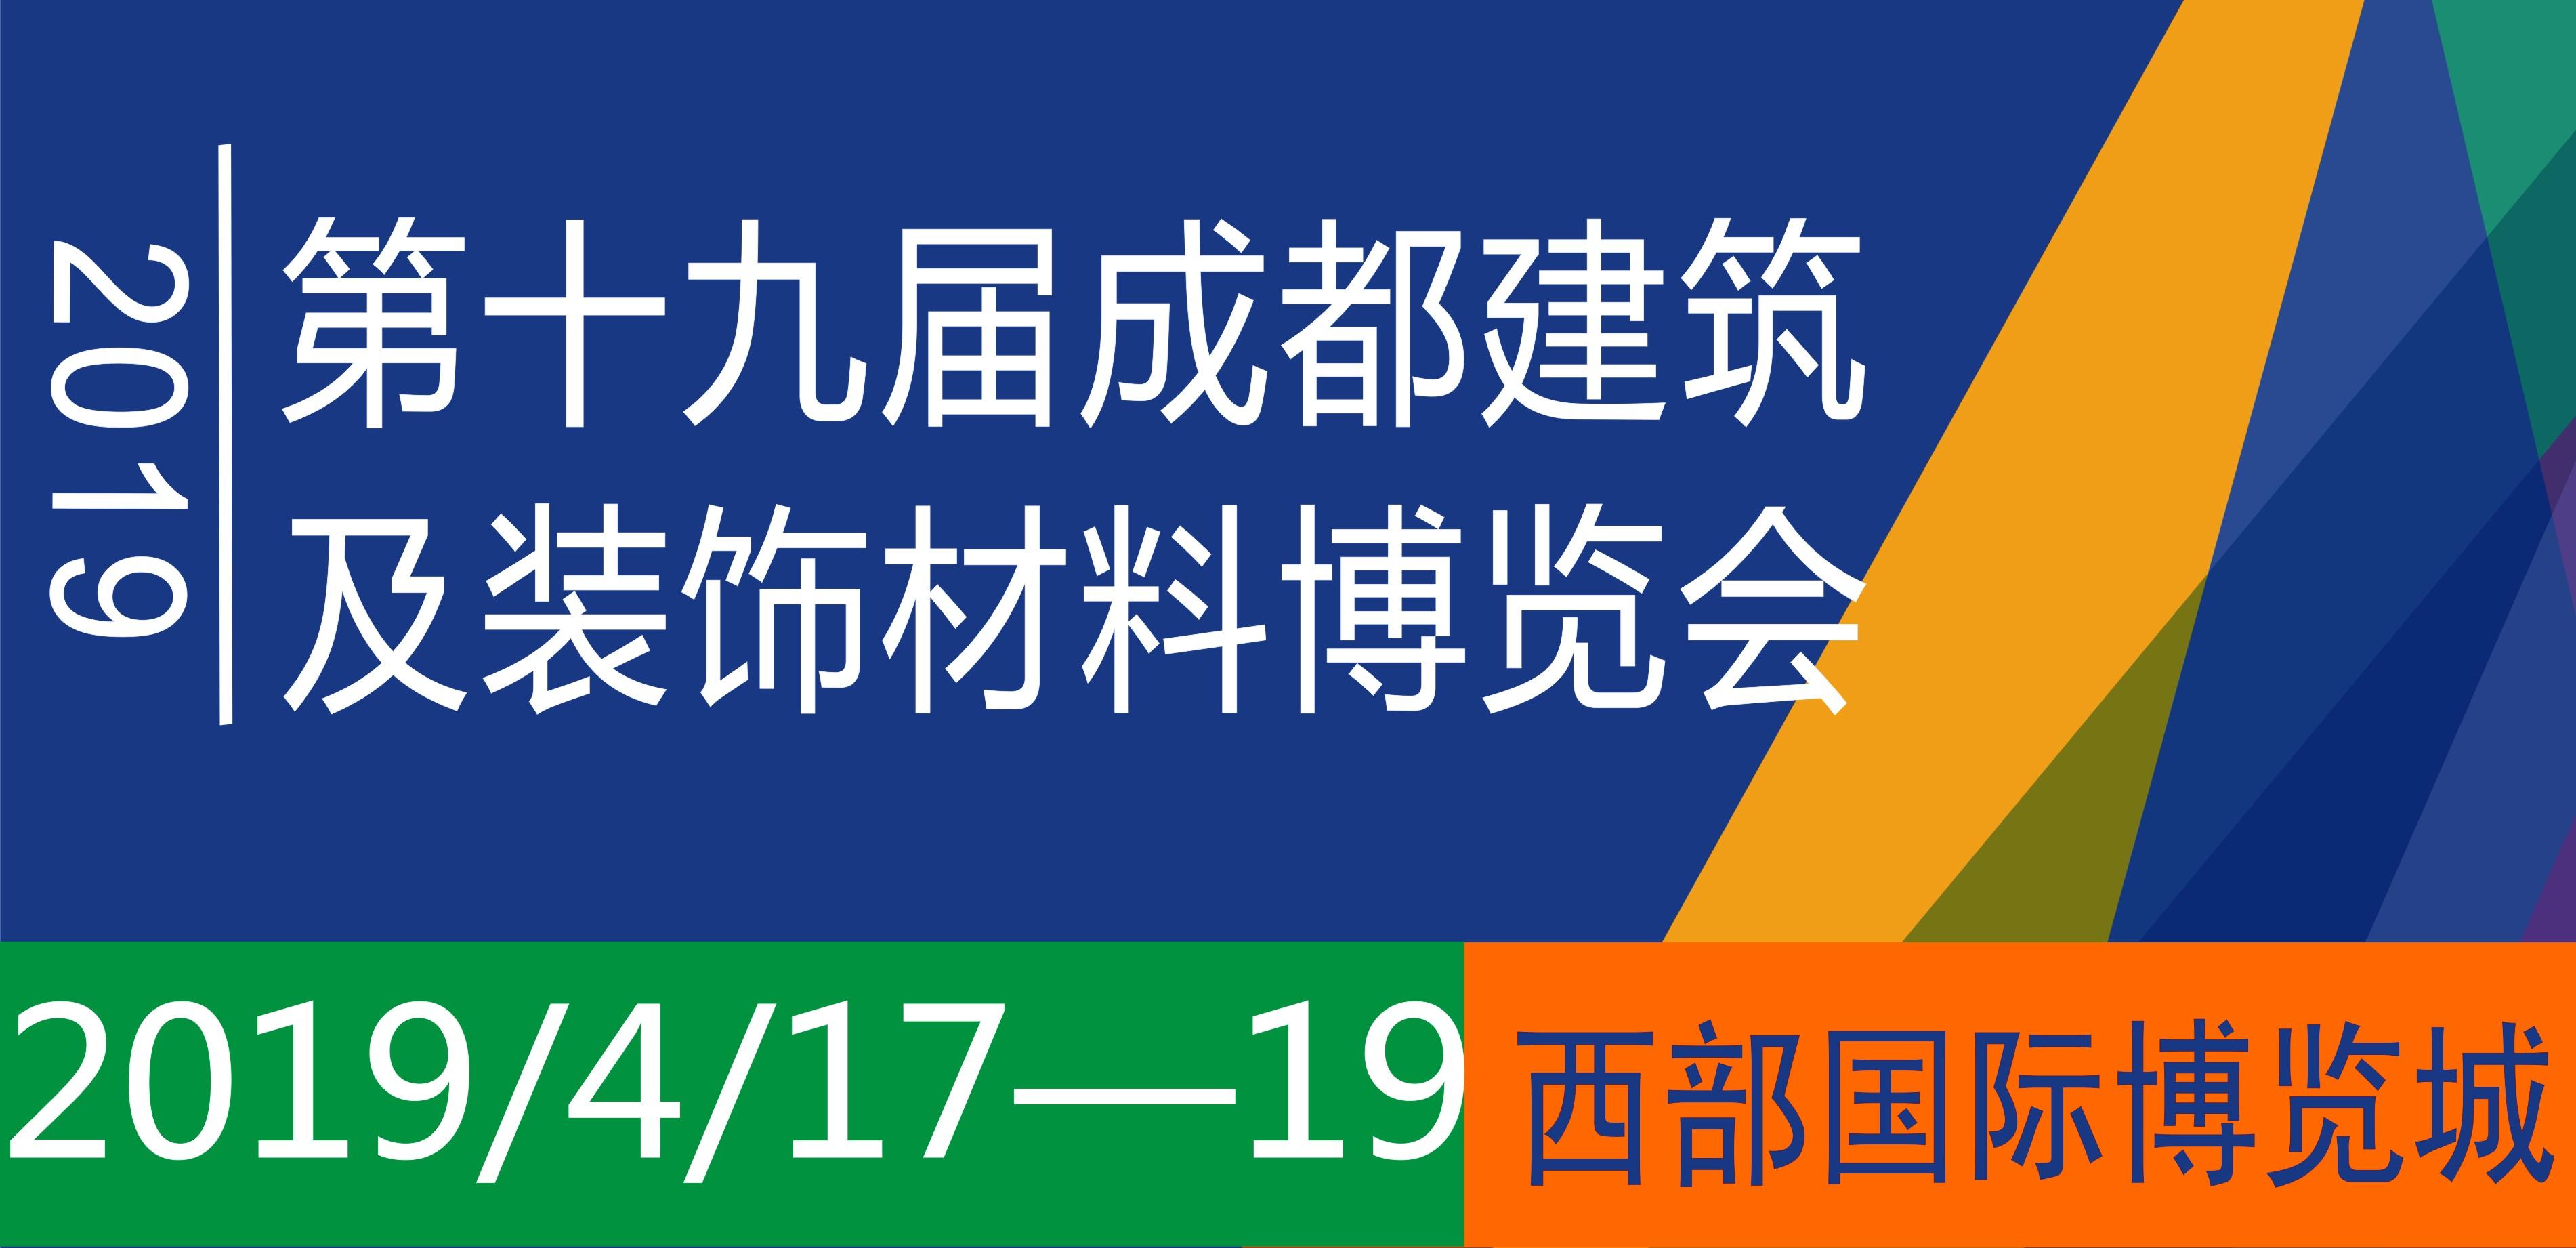 2019年19届成都建筑与装饰材料博览会